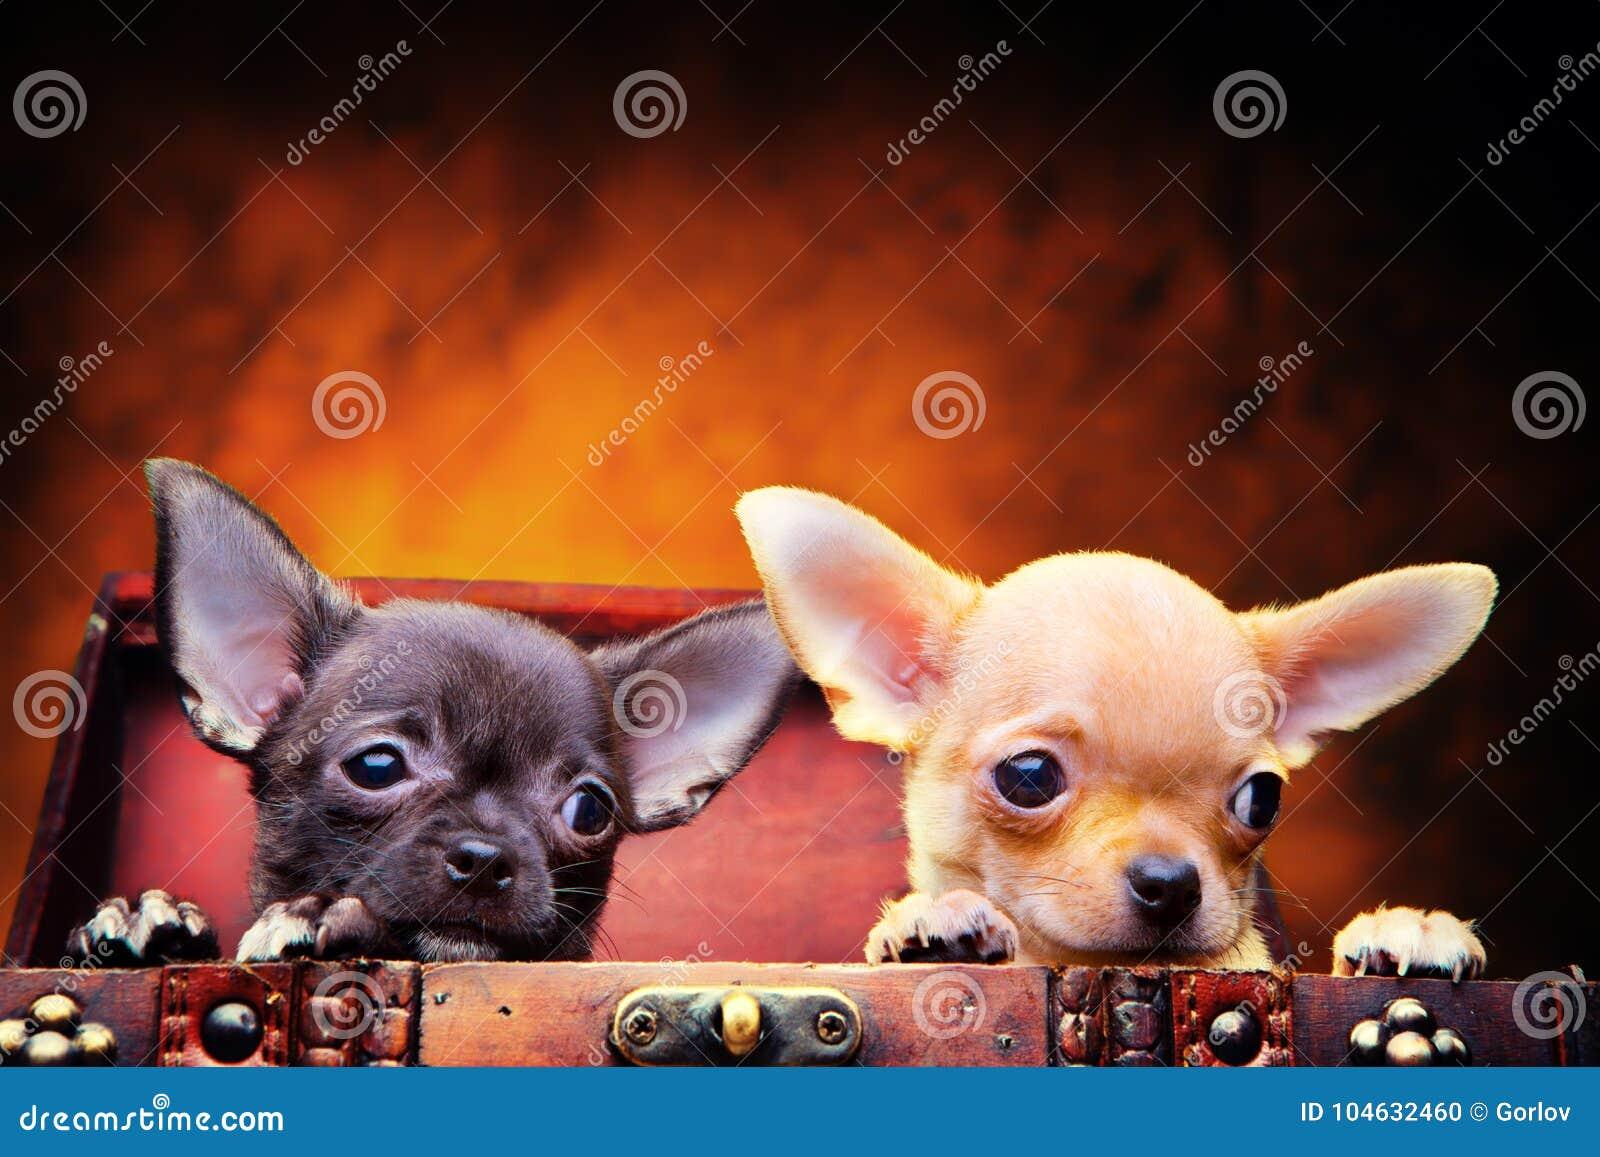 Download Het Puppyhond Van De Chihuahuababy In Studiokwaliteit Stock Foto - Afbeelding bestaande uit grappig, vrij: 104632460